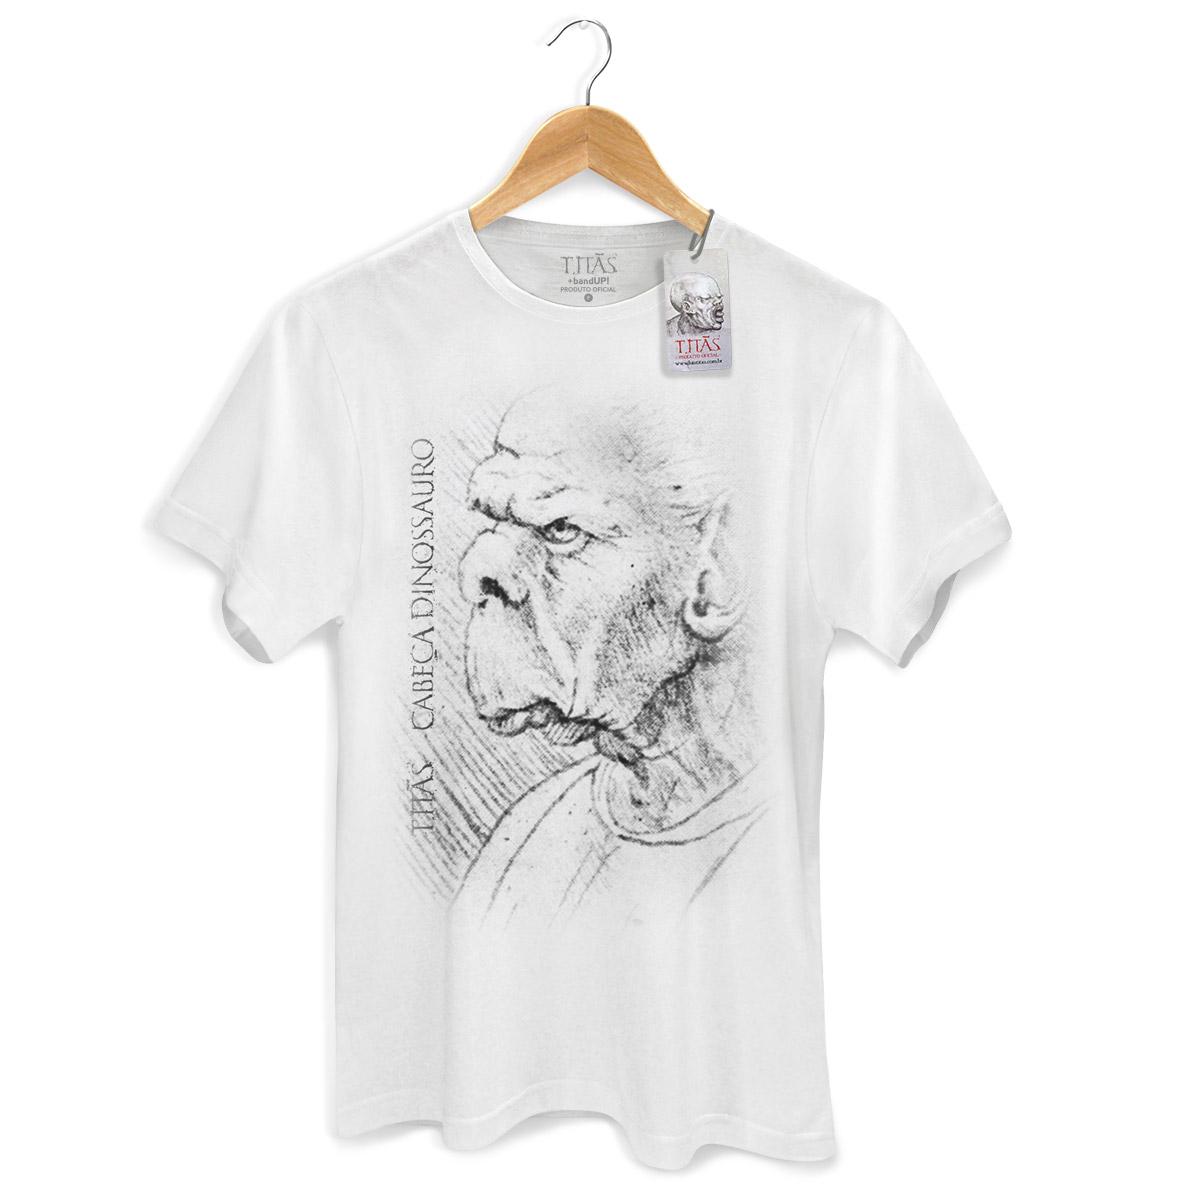 Camiseta Masculina Titãs Cabeça Dinossauro 2